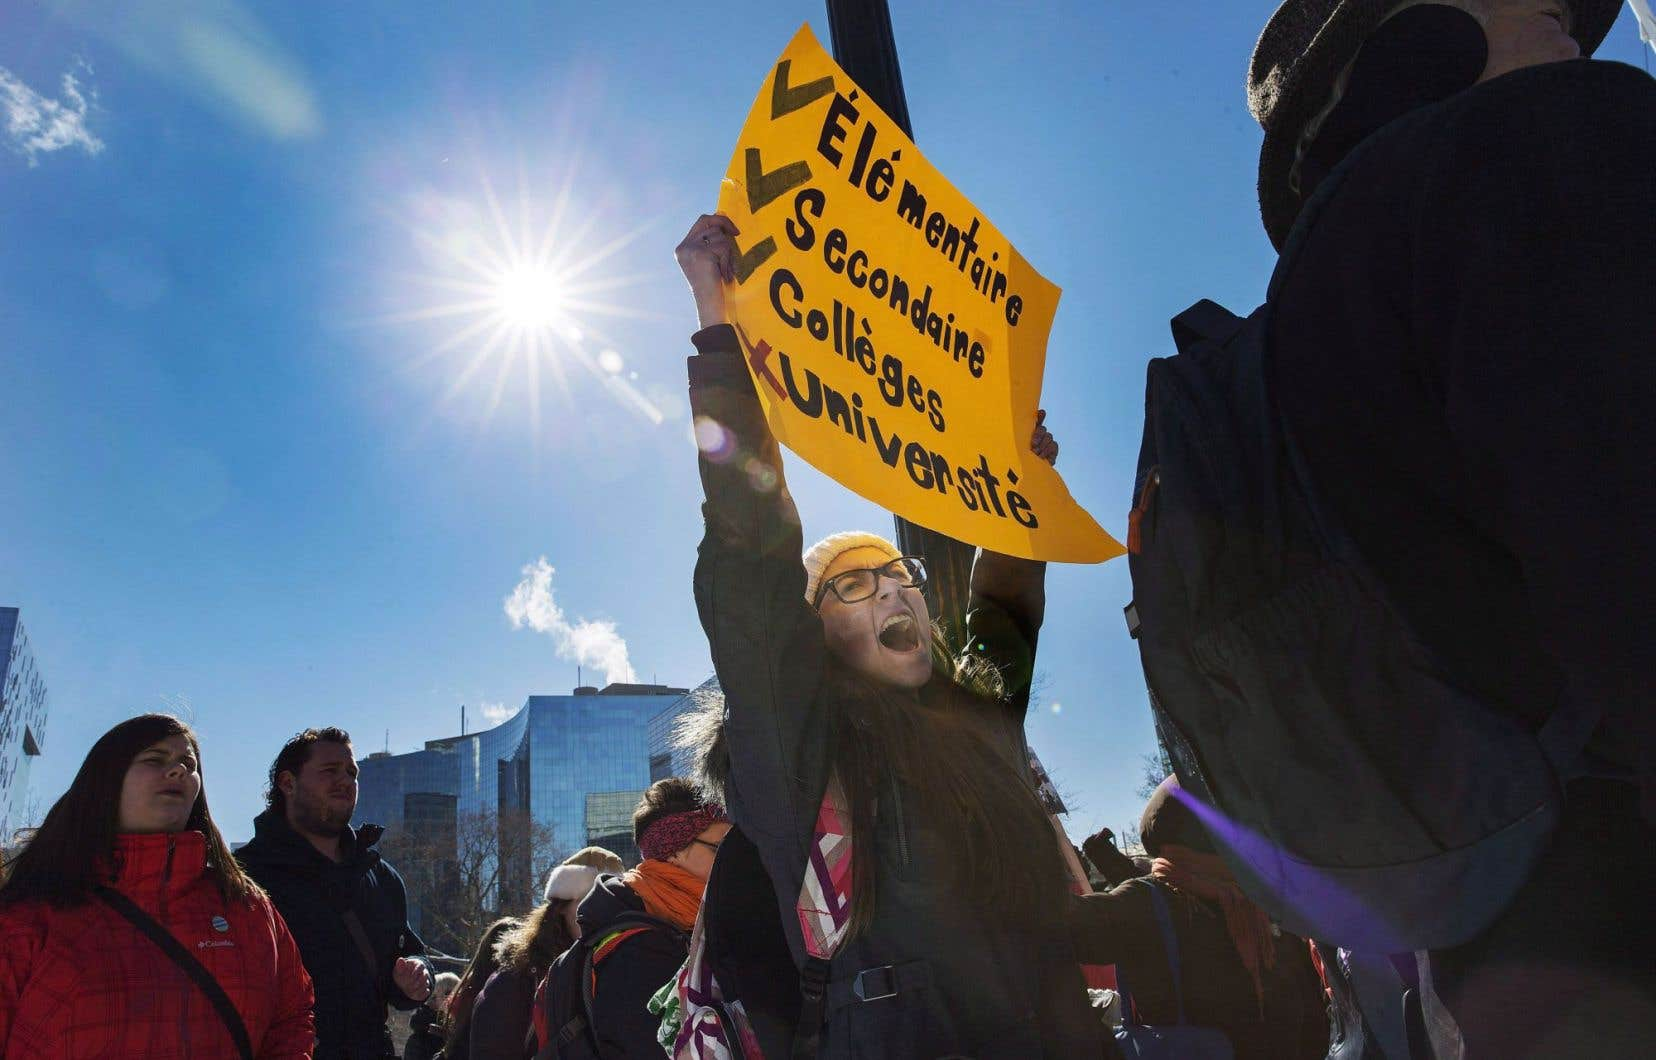 Le 18 février dernier, des étudiants franco-ontariens se sont réunis à Toronto pour réclamer la construction d'une université francophone.